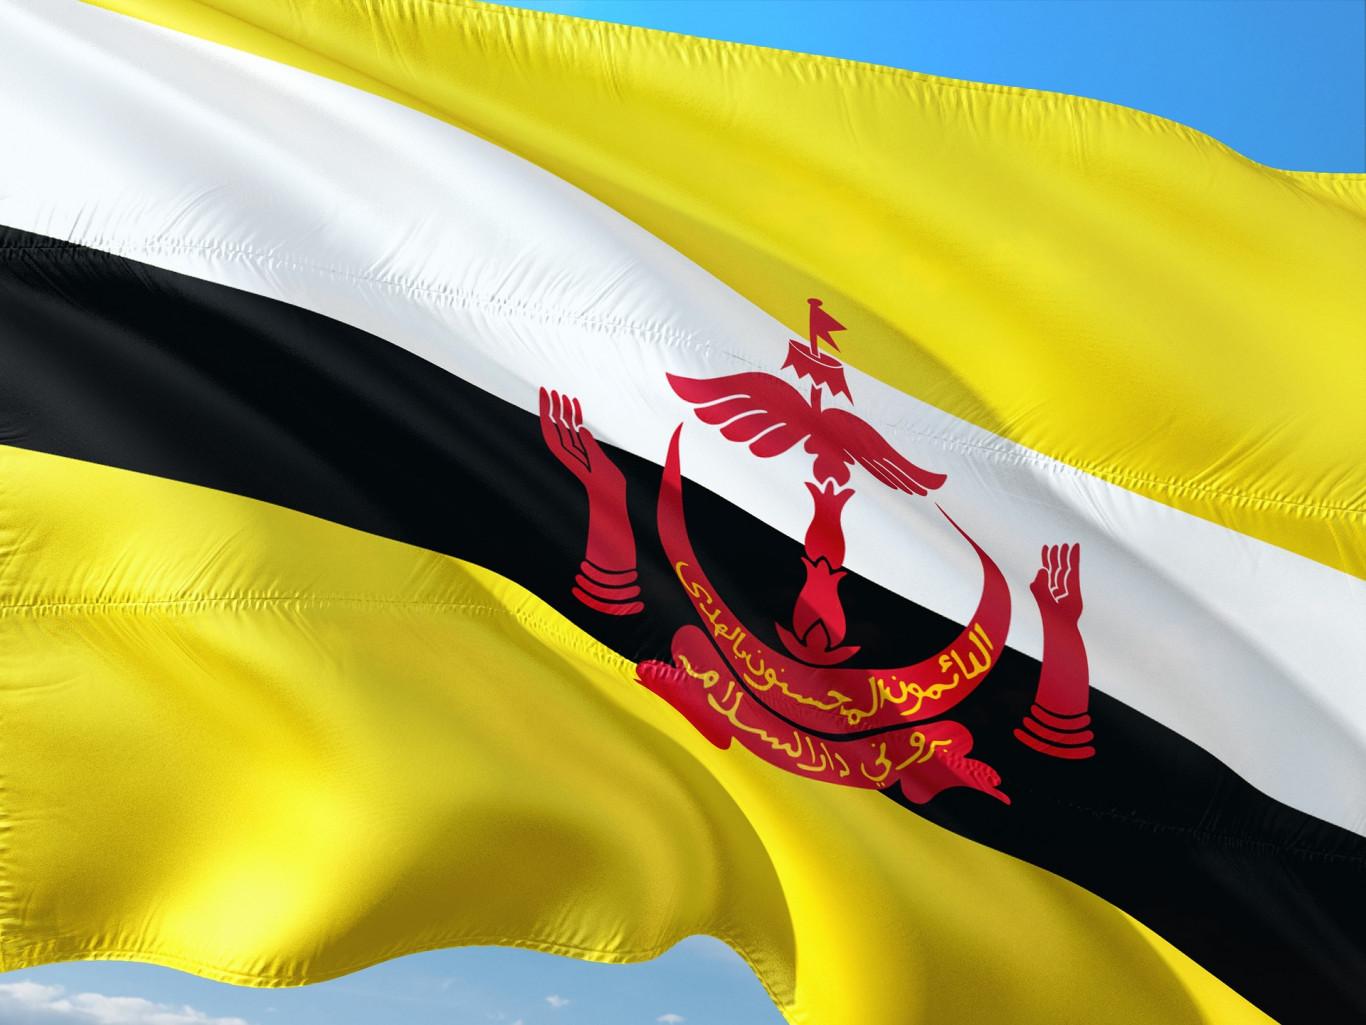 Mẫu giấy chứng nhận đăng ký nhãn hiệu tại Brunei, Giấy chứng nhận đăng ký nhãn hiệu tại Brunei, chứng nhận đăng ký nhãn hiệu tại Brunei